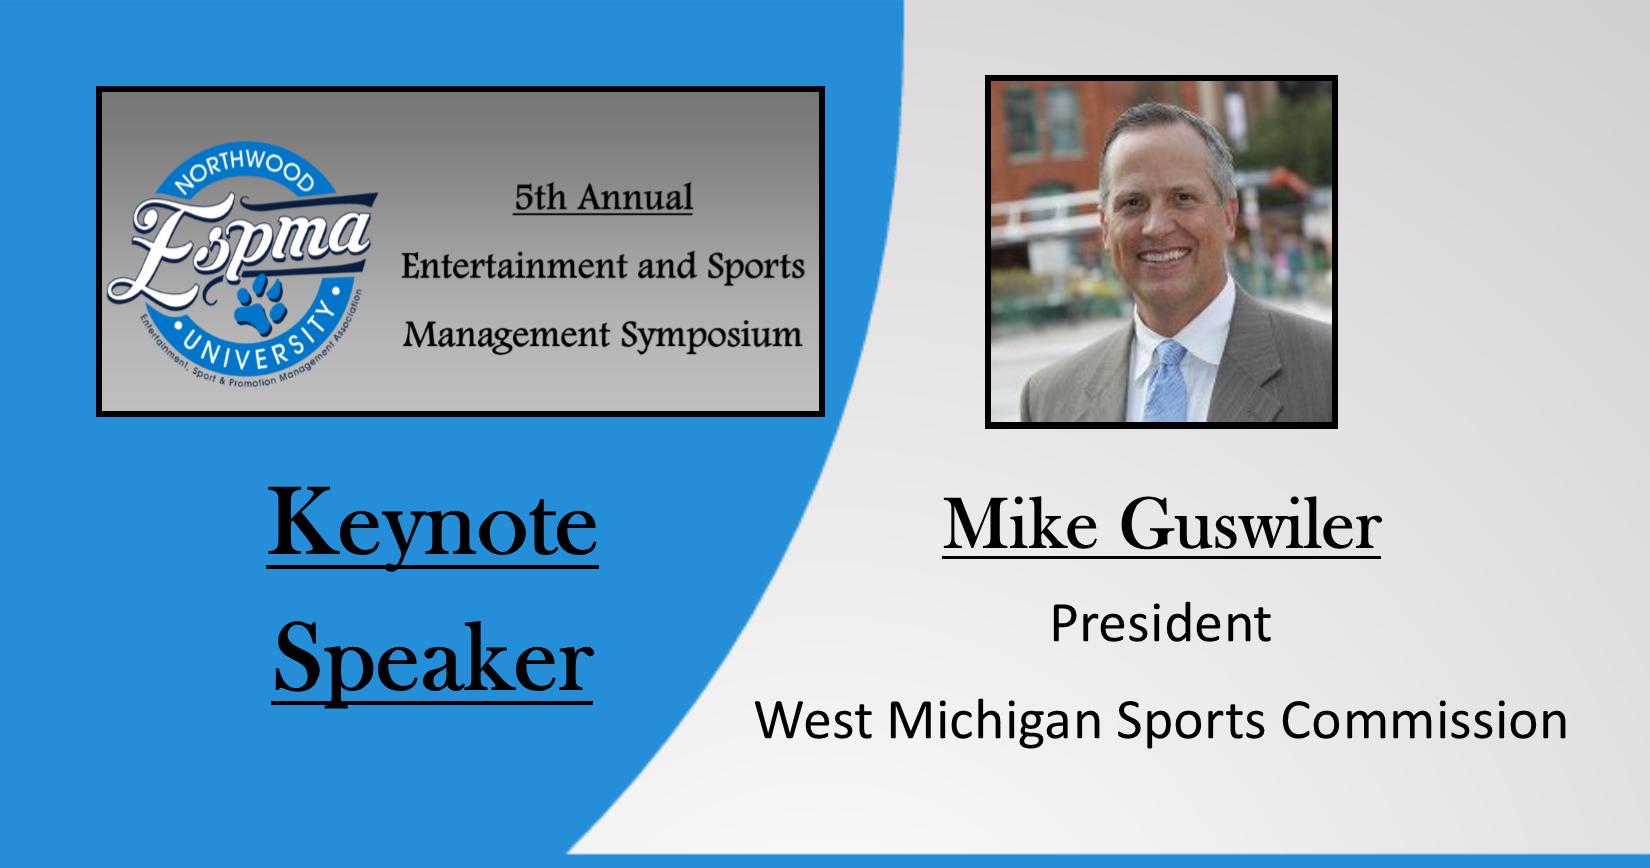 Mike Guswiler